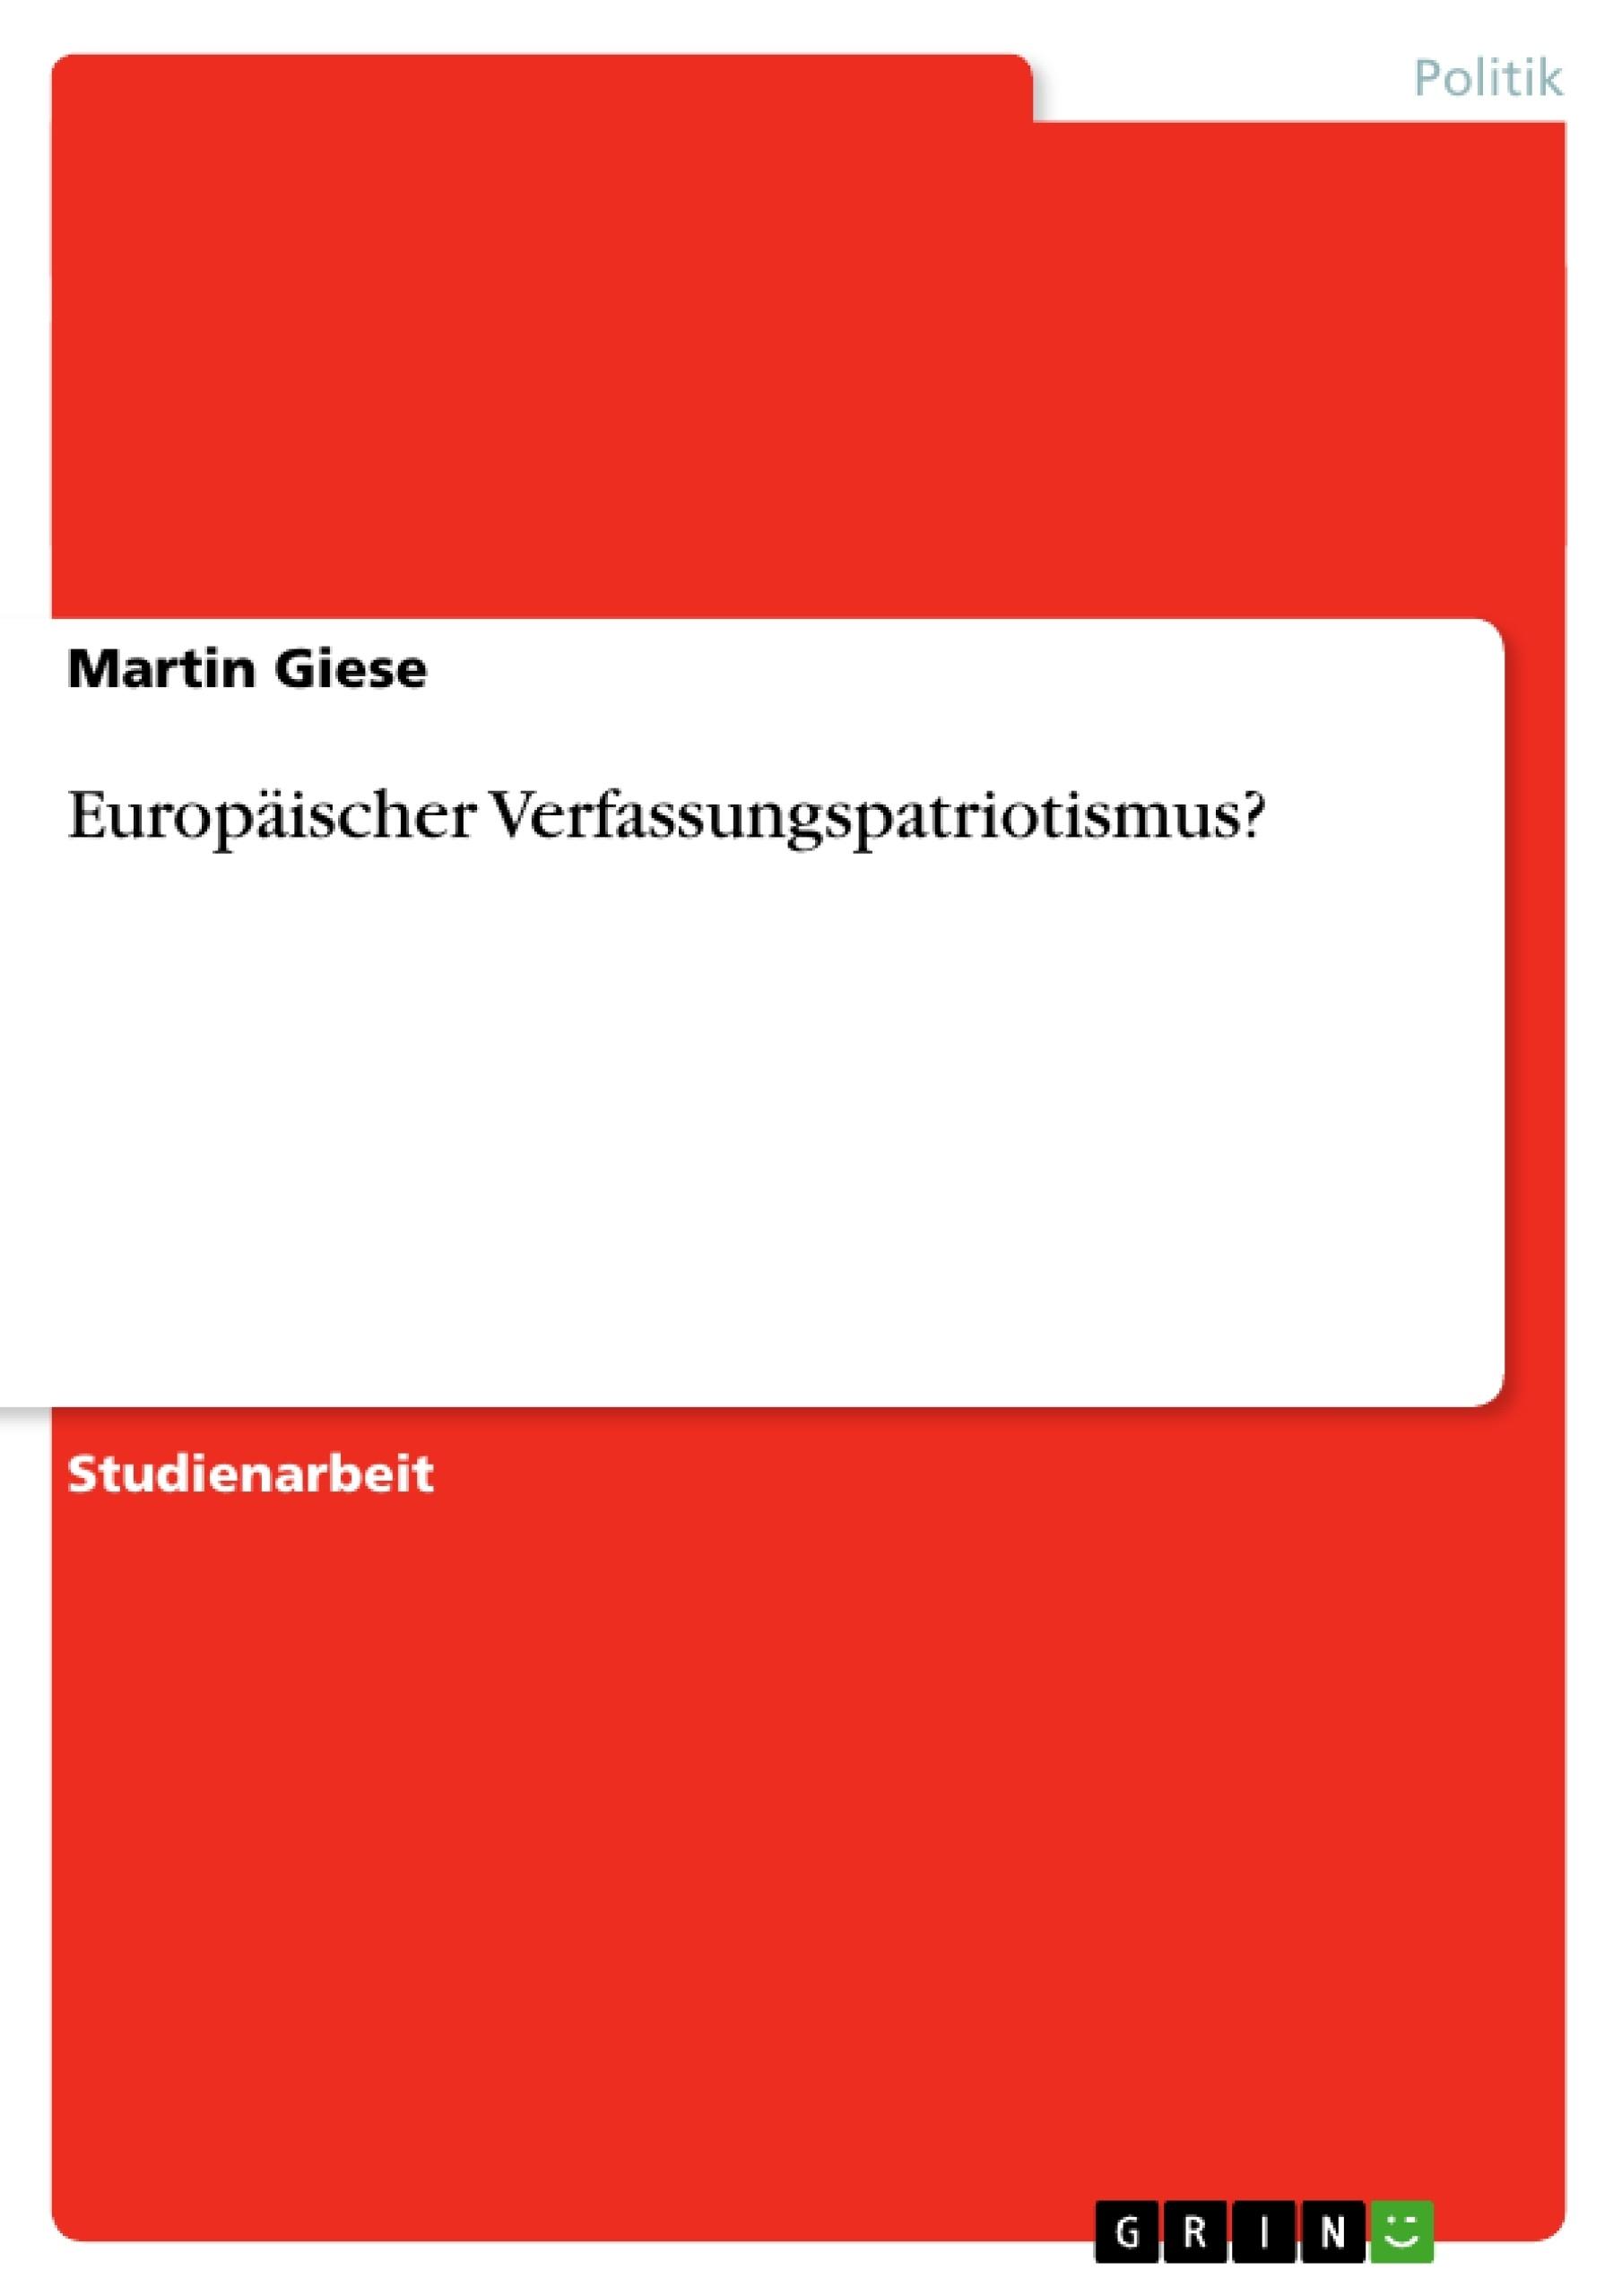 Titel: Europäischer Verfassungspatriotismus?